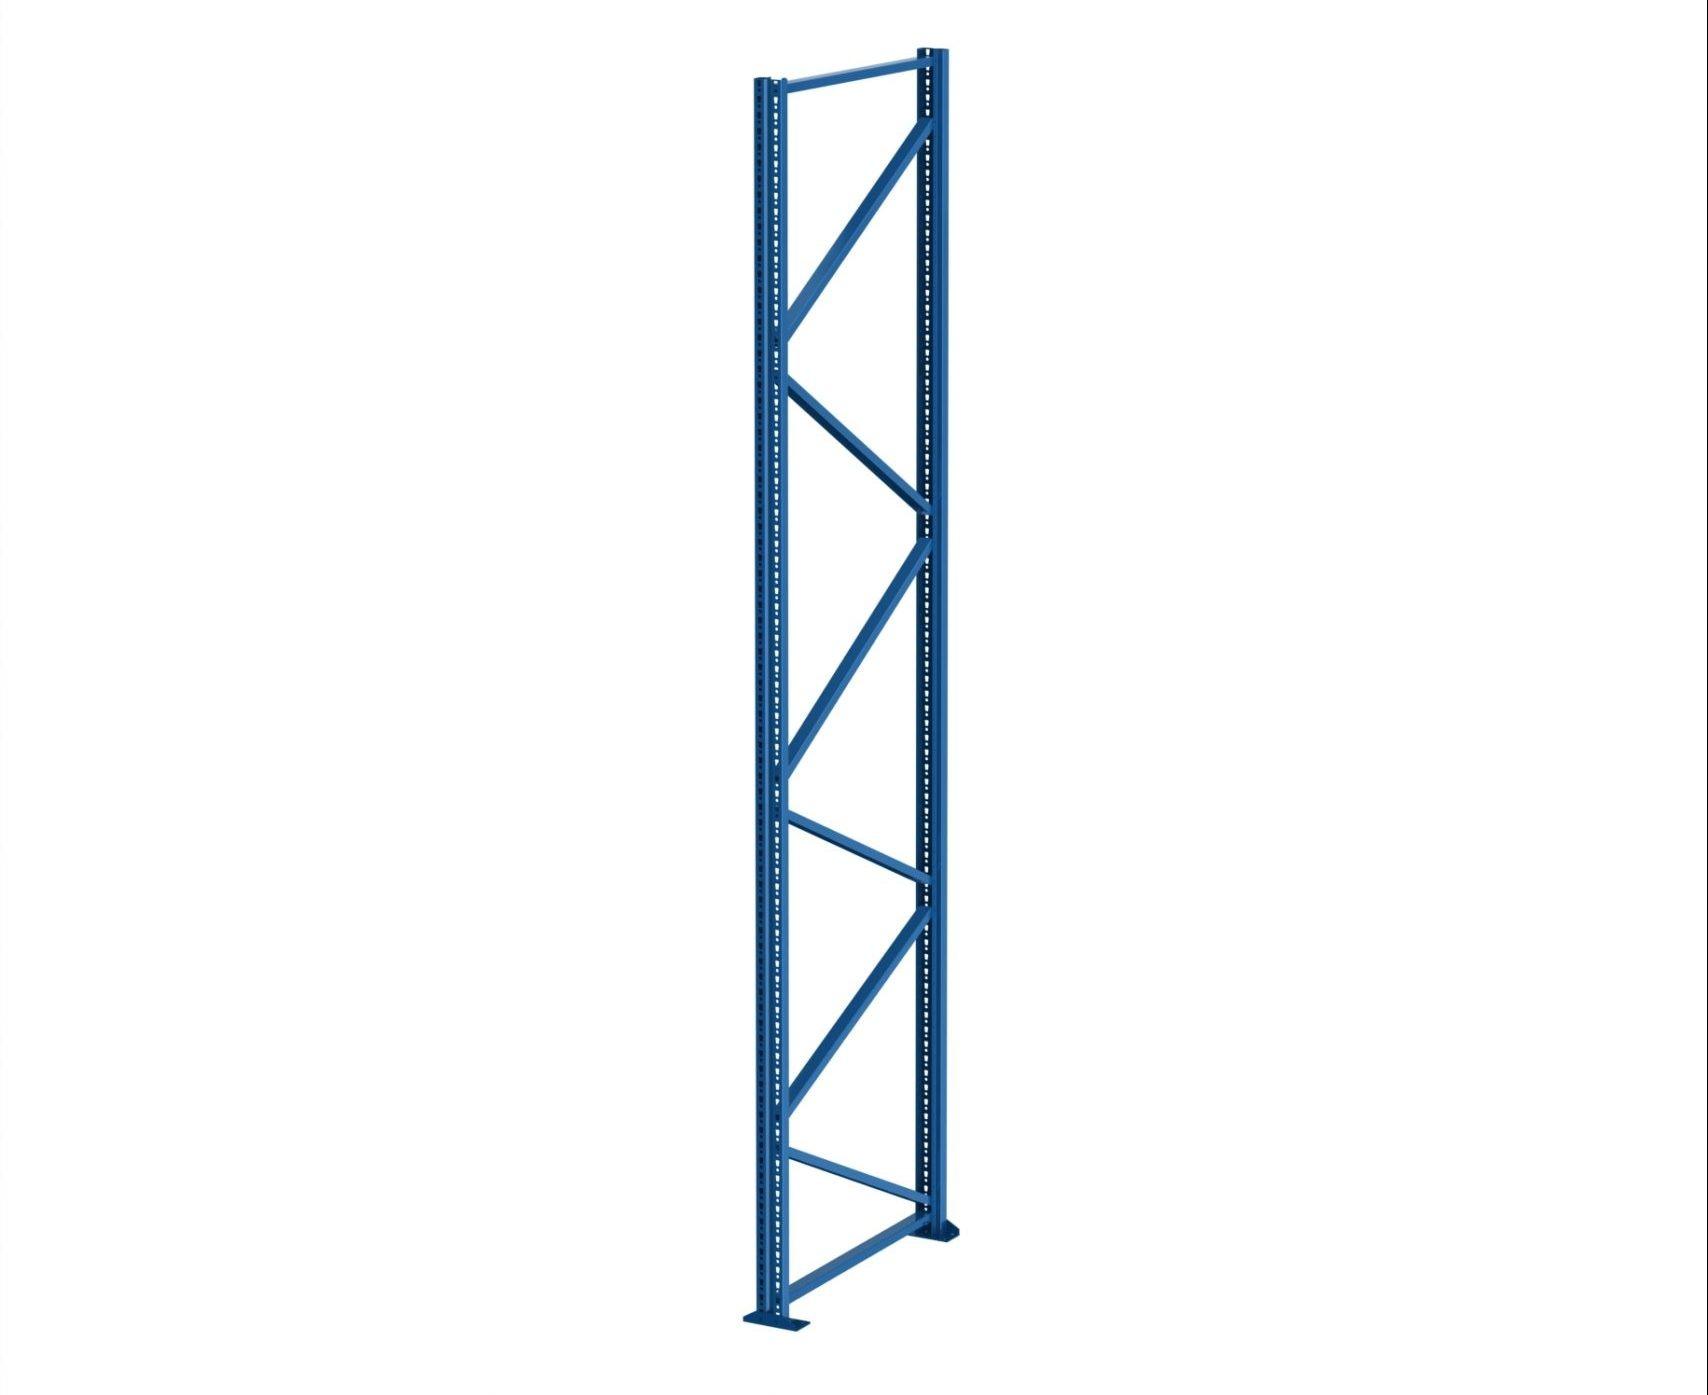 NEDCON Set Ständerrahmen Modell 10068204050 Höhe 4000 mm, Tiefe 1100 mm